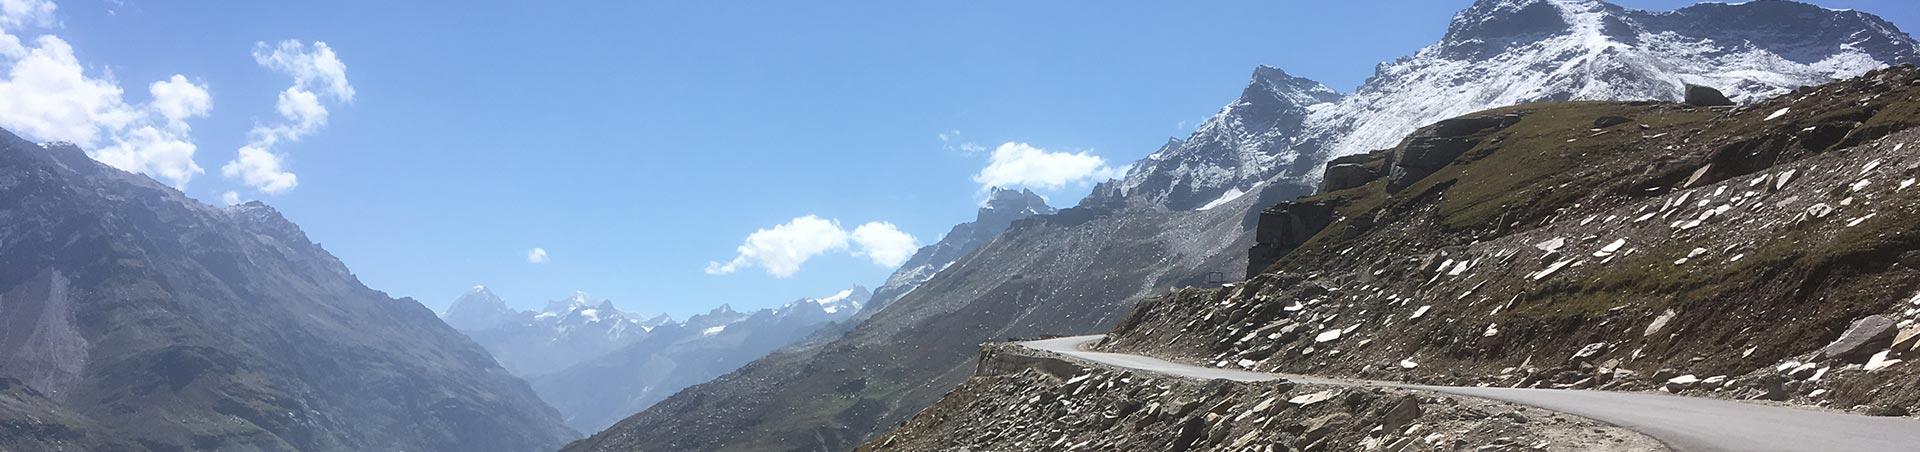 Titelbild-Reisebericht-Indien_31-05-2020_2d474